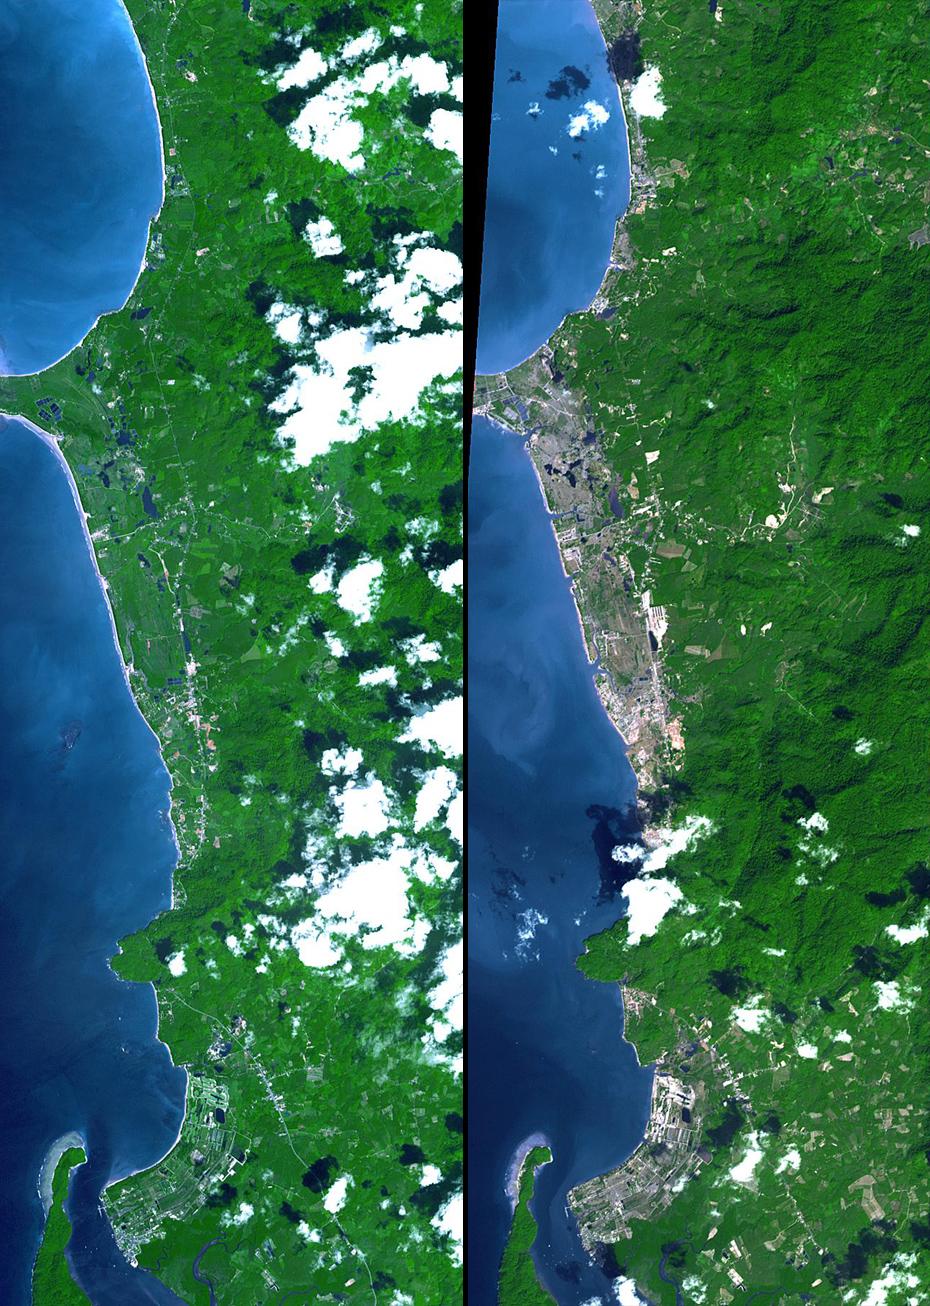 Τσουνάμι, Ταϊλάνδη, 2004. Περισσότεροι από 4.300 άνθρωποι σκοτώθηκαν, ενώ χιλιάδες αγνοούνται. Αυτές οι εικόνες δείχνουν ένα τμήμα της ακτής. Οι παράκτιες περιοχές εμφανίζονται γκρι όπου η βλάστηση καταστράφηκε.